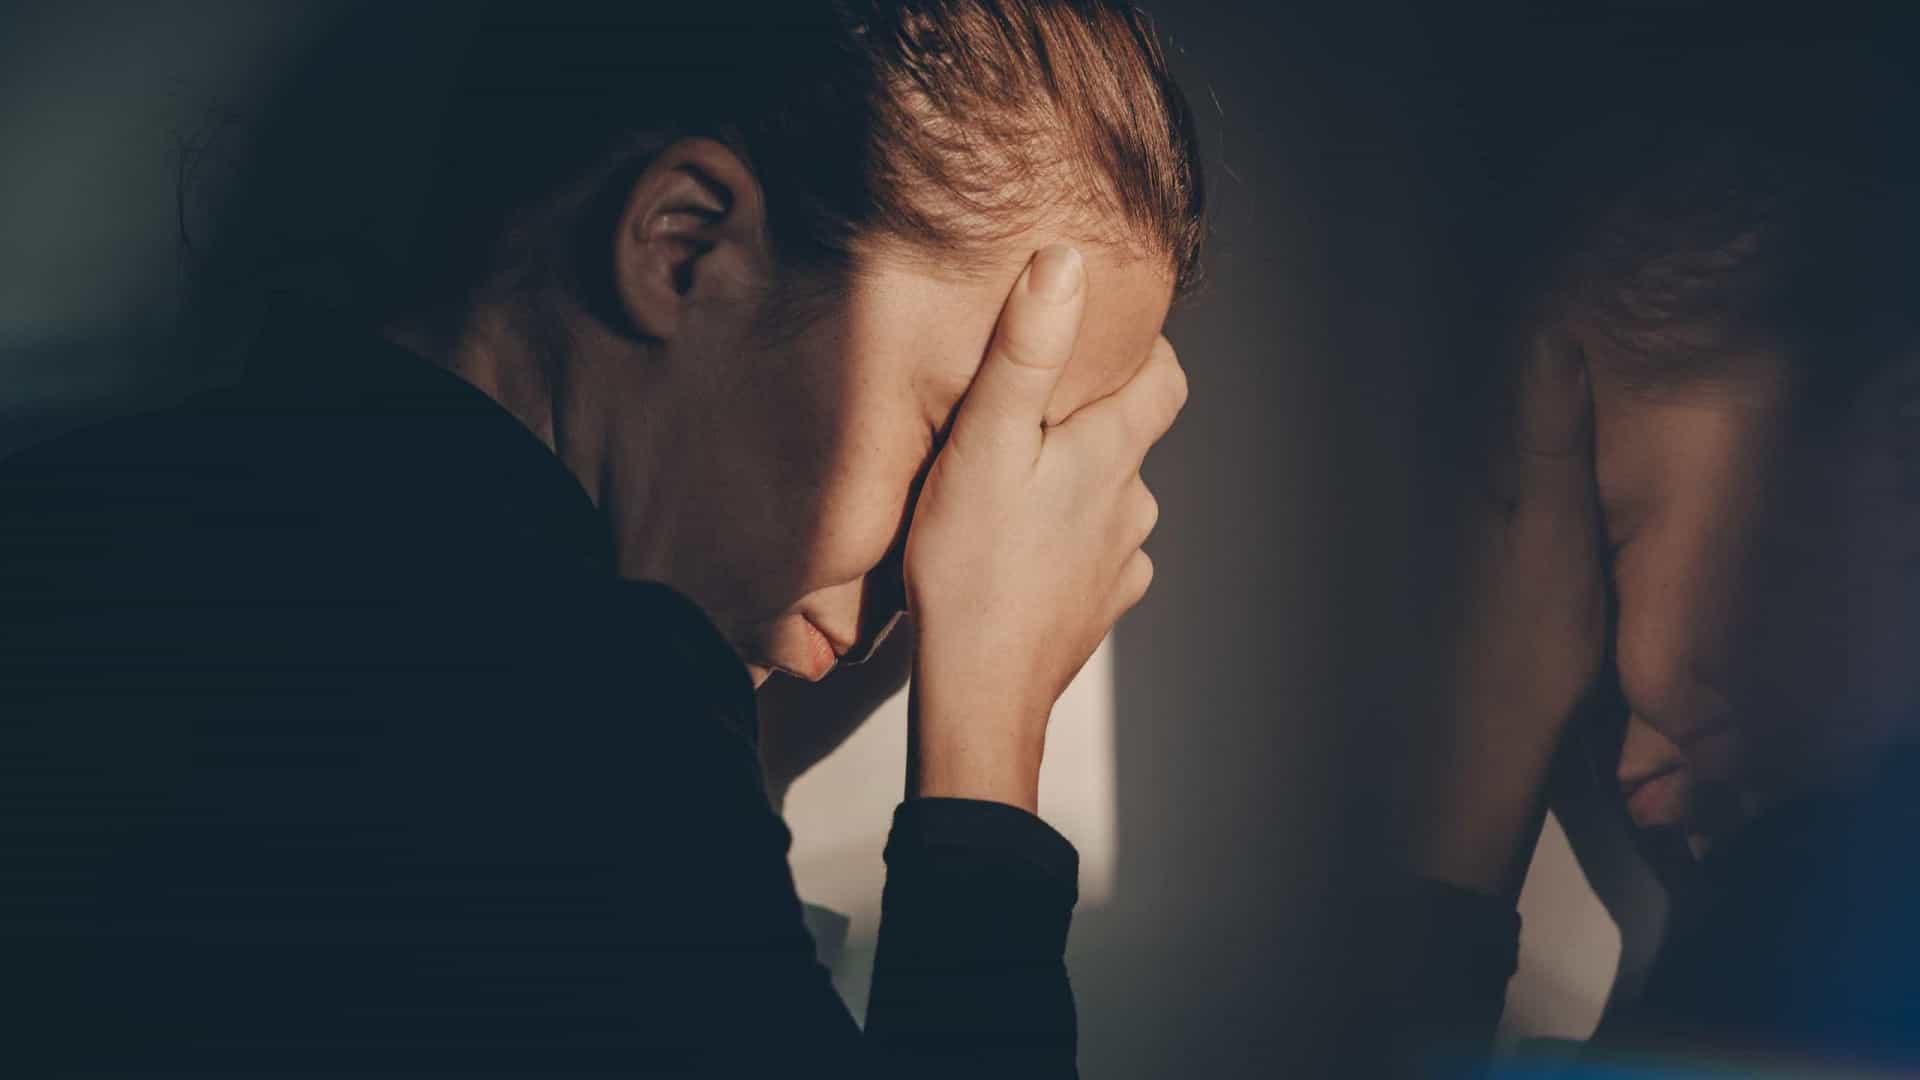 Suicídio… A dor de quem fica?